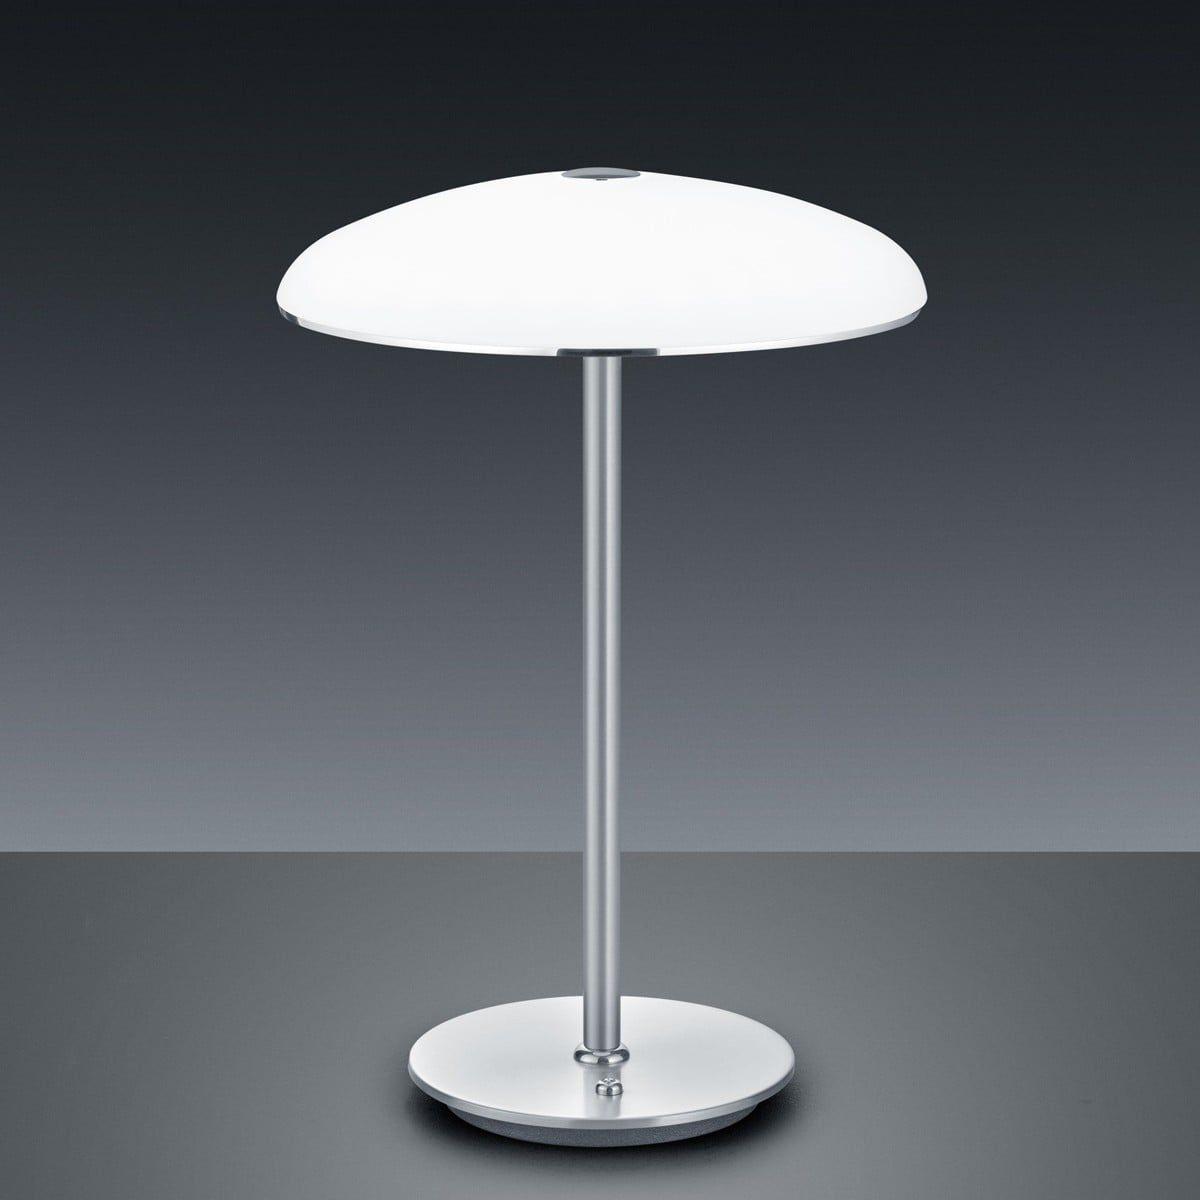 Nachttischlampe Design weiß silber antik Tischlampe mit LED /& Glasschirm oval